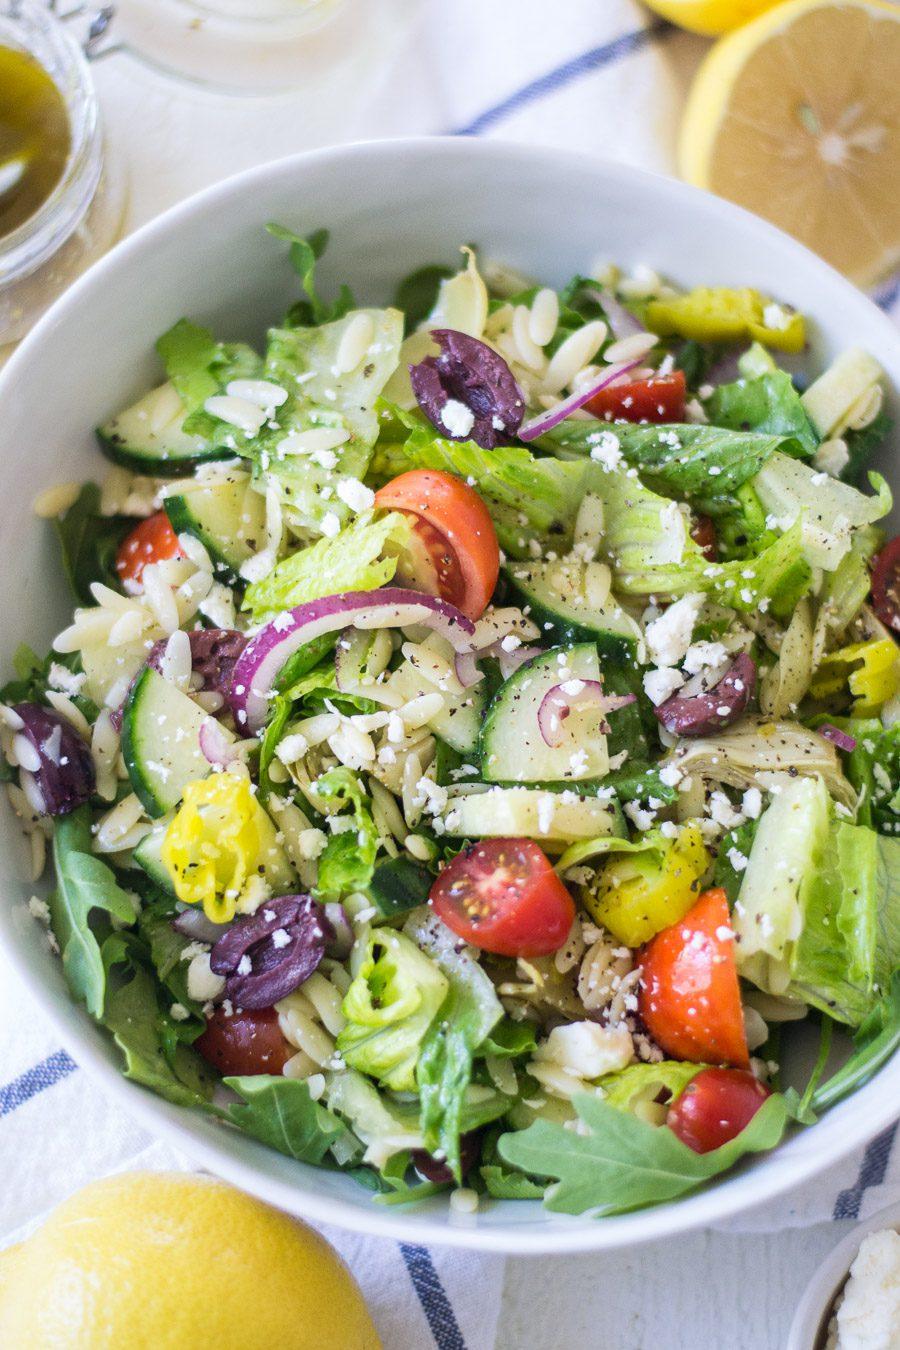 Lemon and Orzo Greek Salad | Sarcastic Cooking